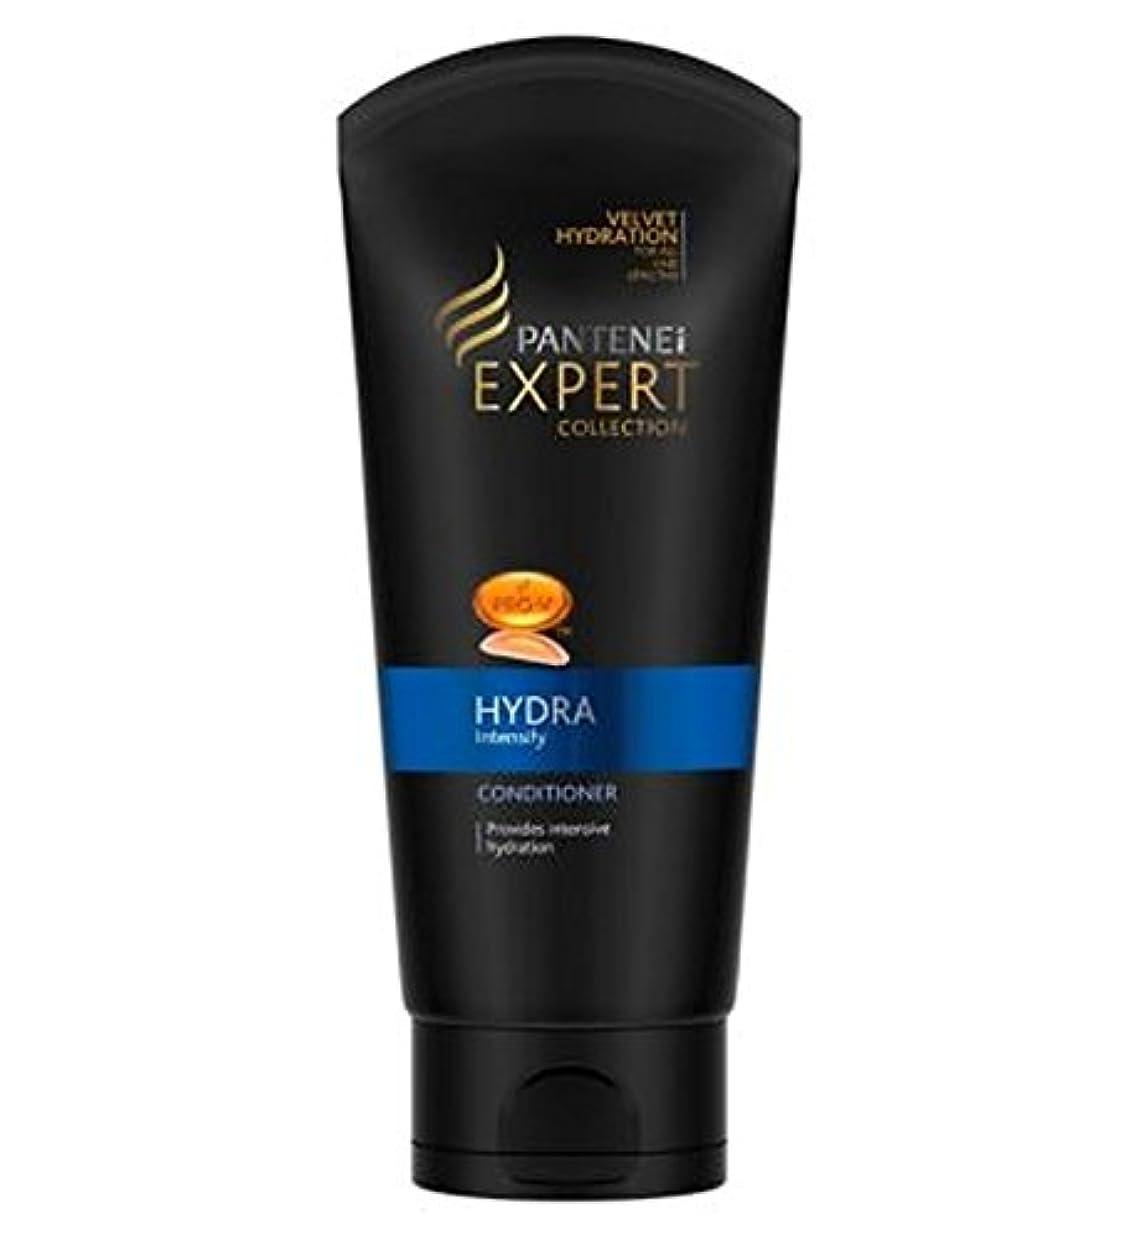 パンチ郵便物物質Pantene Expert Collection Conditioner Hydra Intensify for dry hair 200ml - パンテーン専門家のコレクションコンディショナーヒドラは、乾いた髪の200...